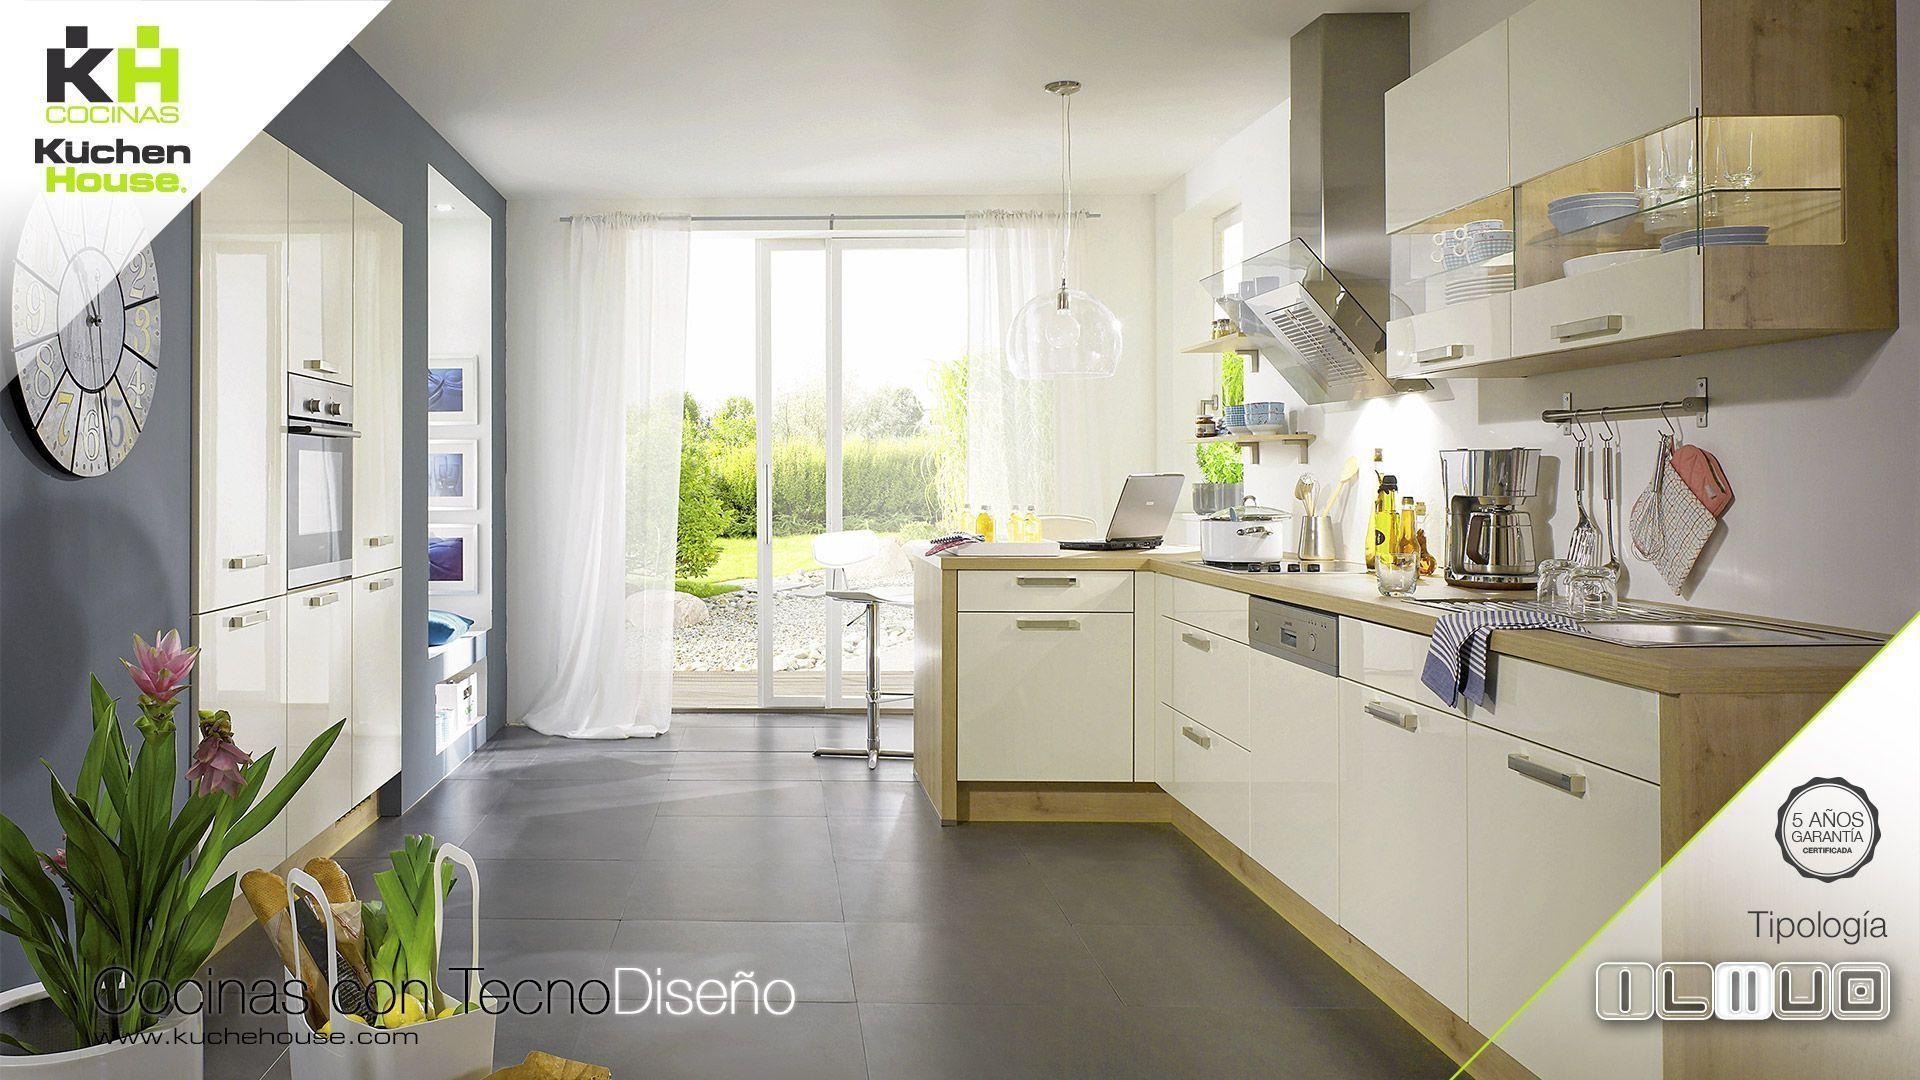 Cocinas kuchenhouse cocina en paralelo kuchenhouse for Cocinas pequenas en paralelo